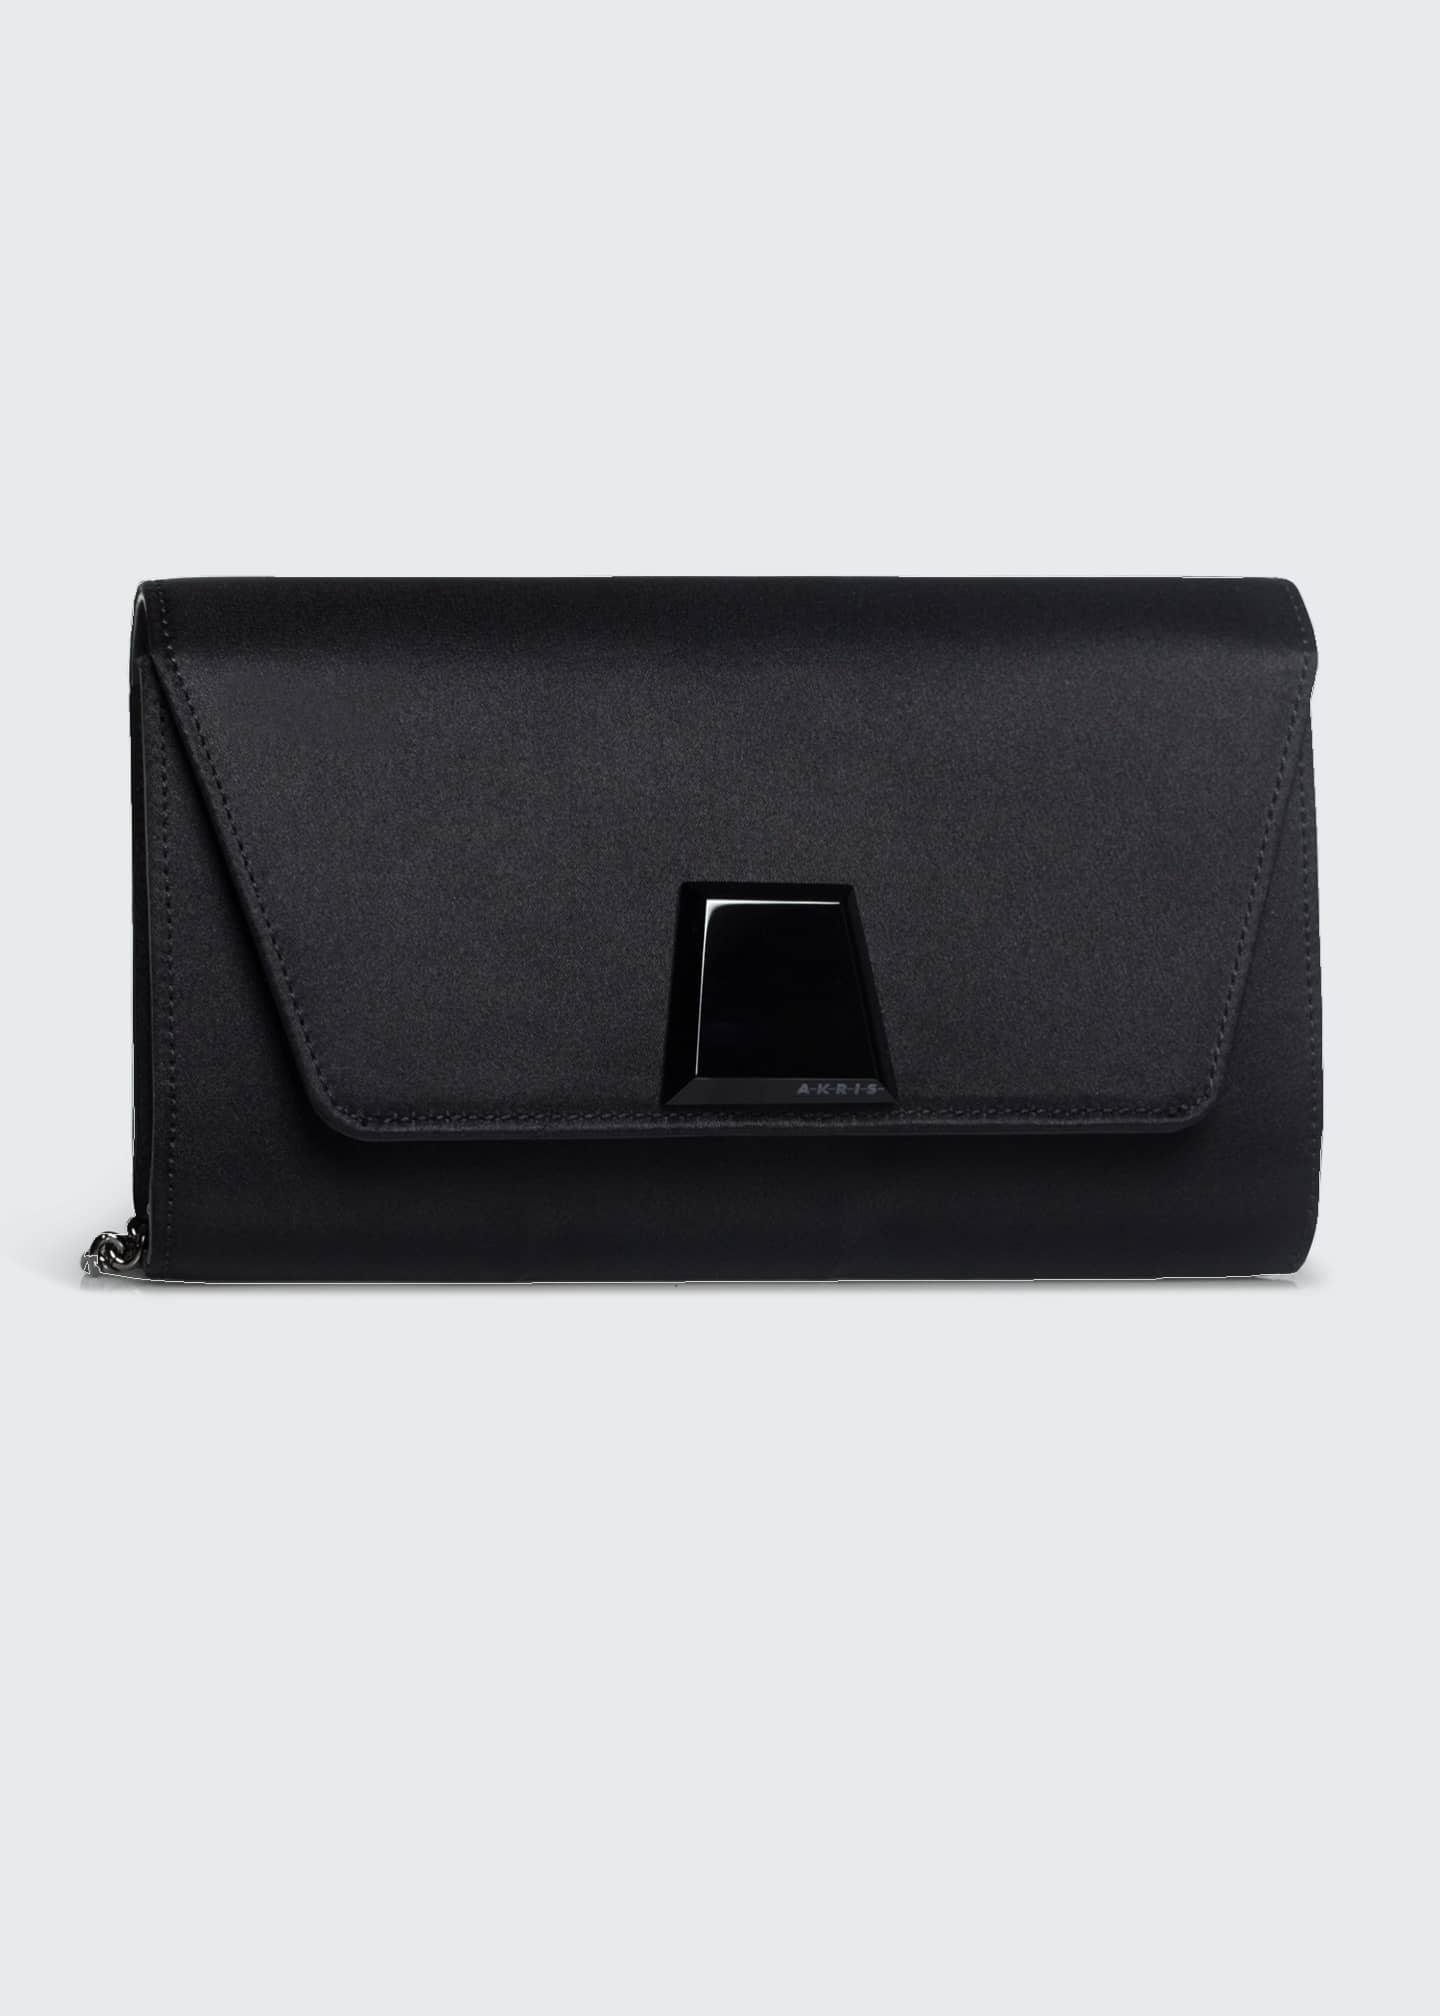 Akris Anouk Mini Satin Clutch Bag with Onyx